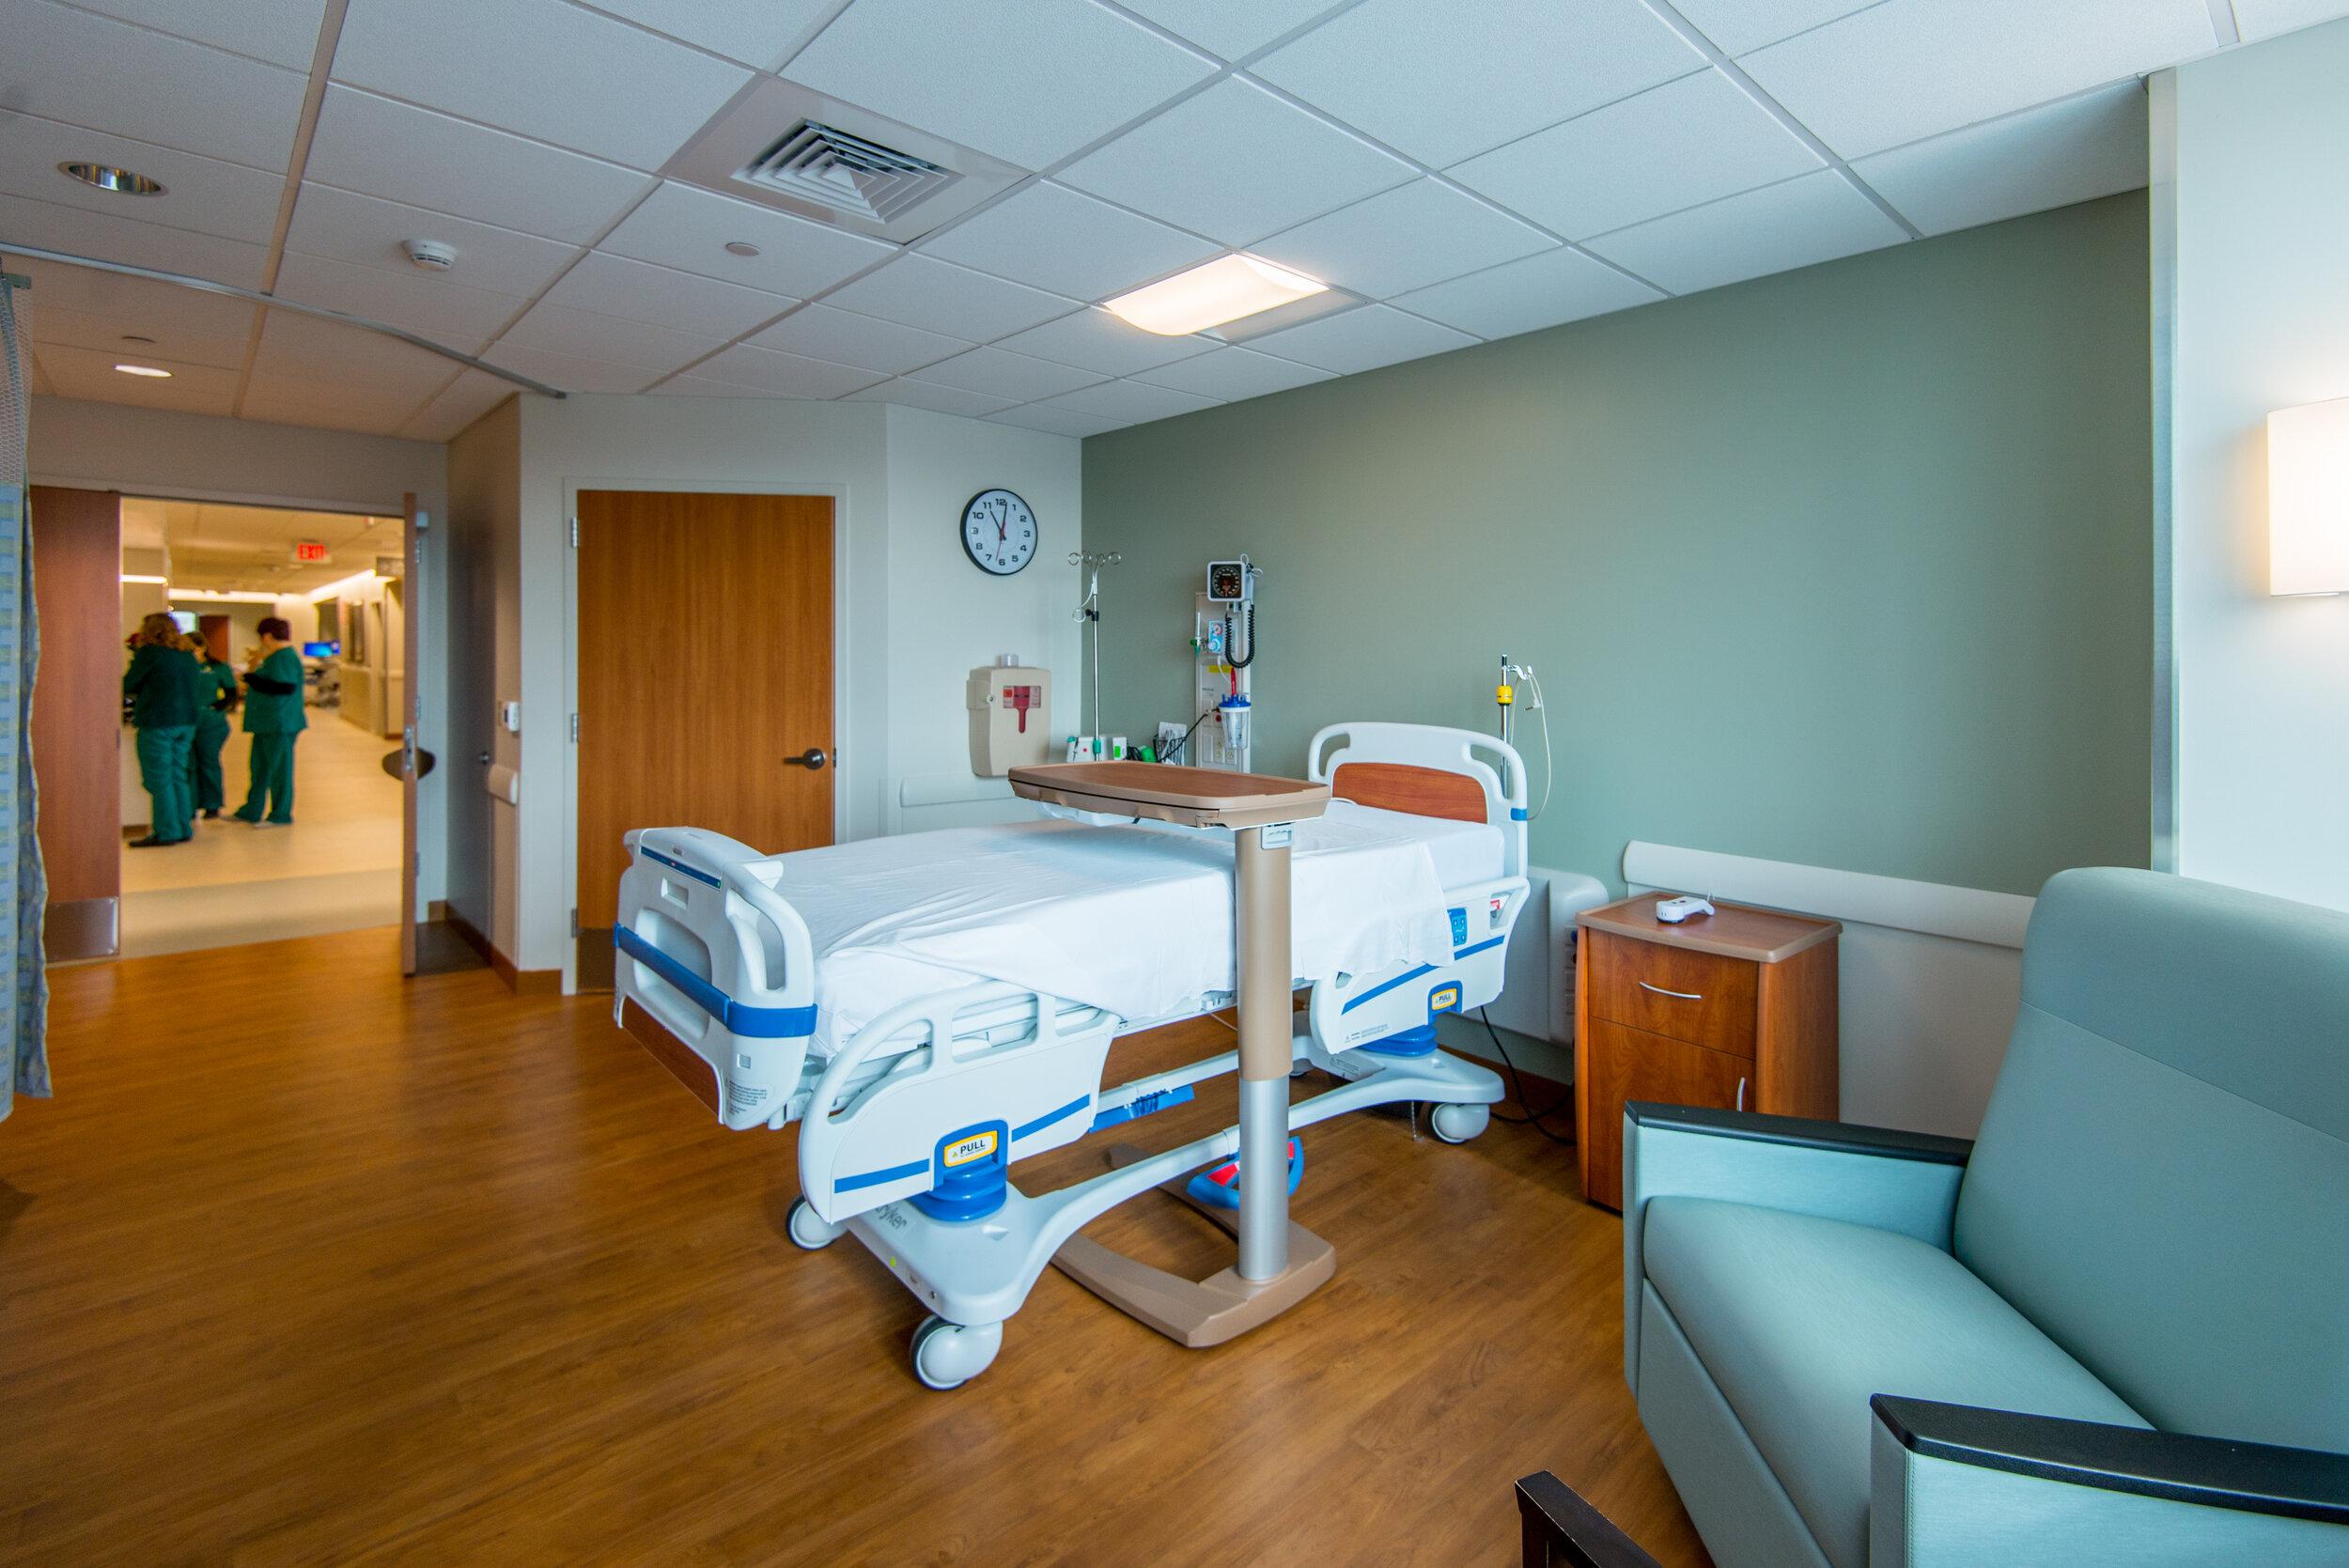 St. Luke's University Health Network Med-Surg Unit